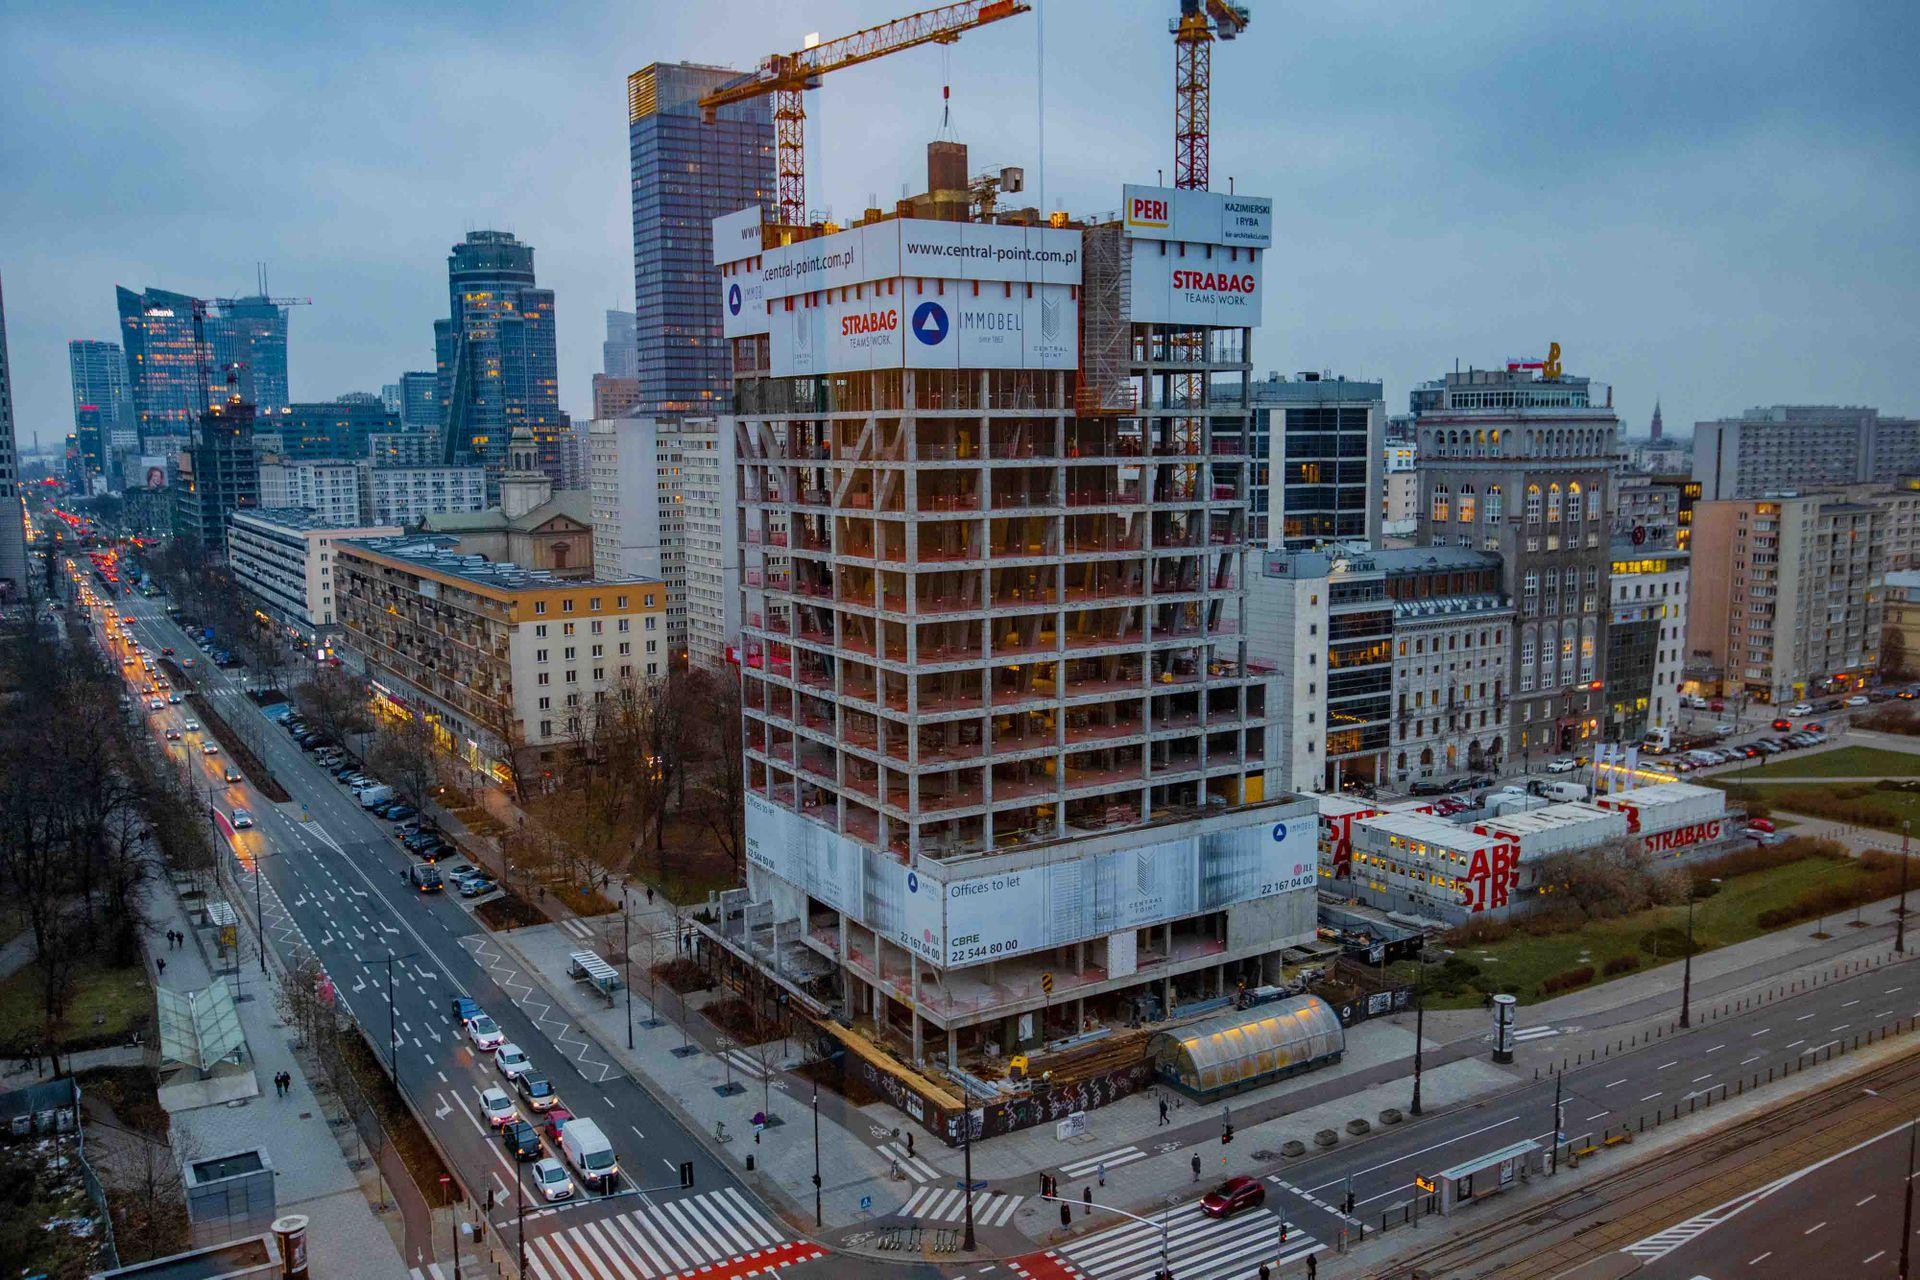 Przy ulicy Zielnej 37 w Warszawie powstaje biurowiec Central Point [FILM + ZDJĘCIA]